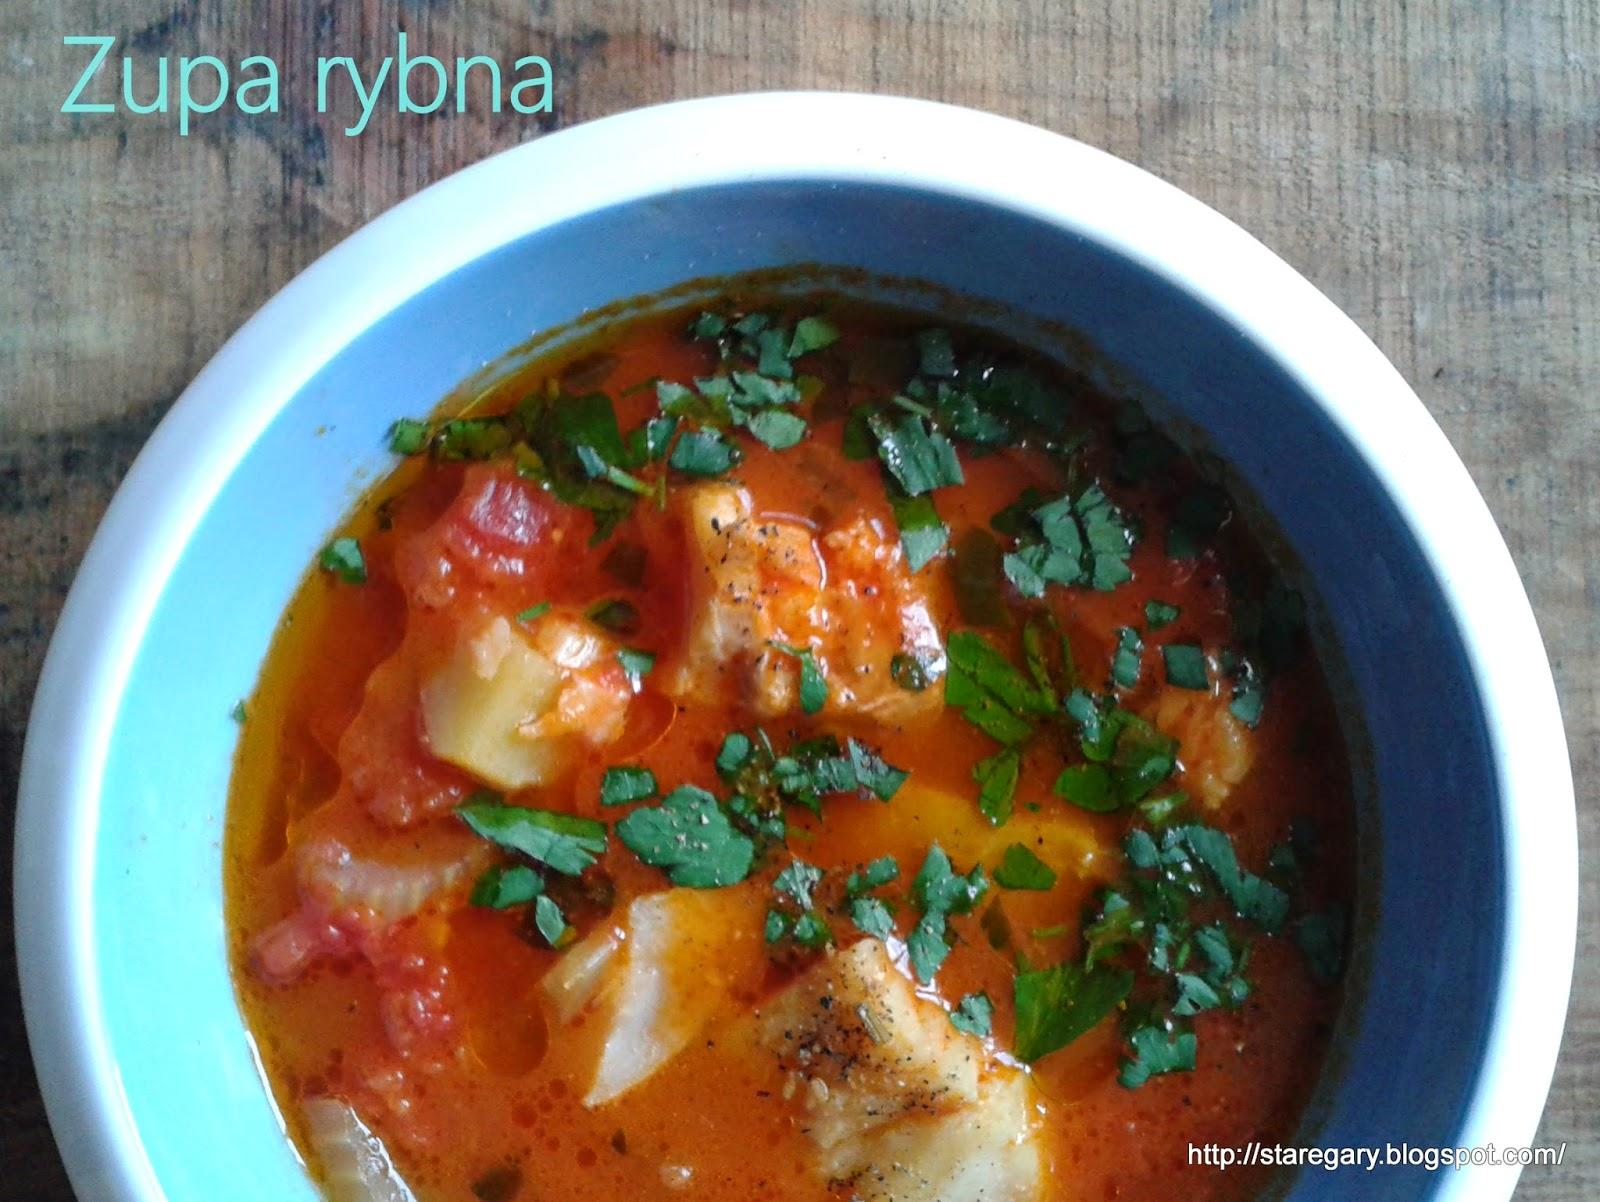 Zupa rybna - prosta i szybka